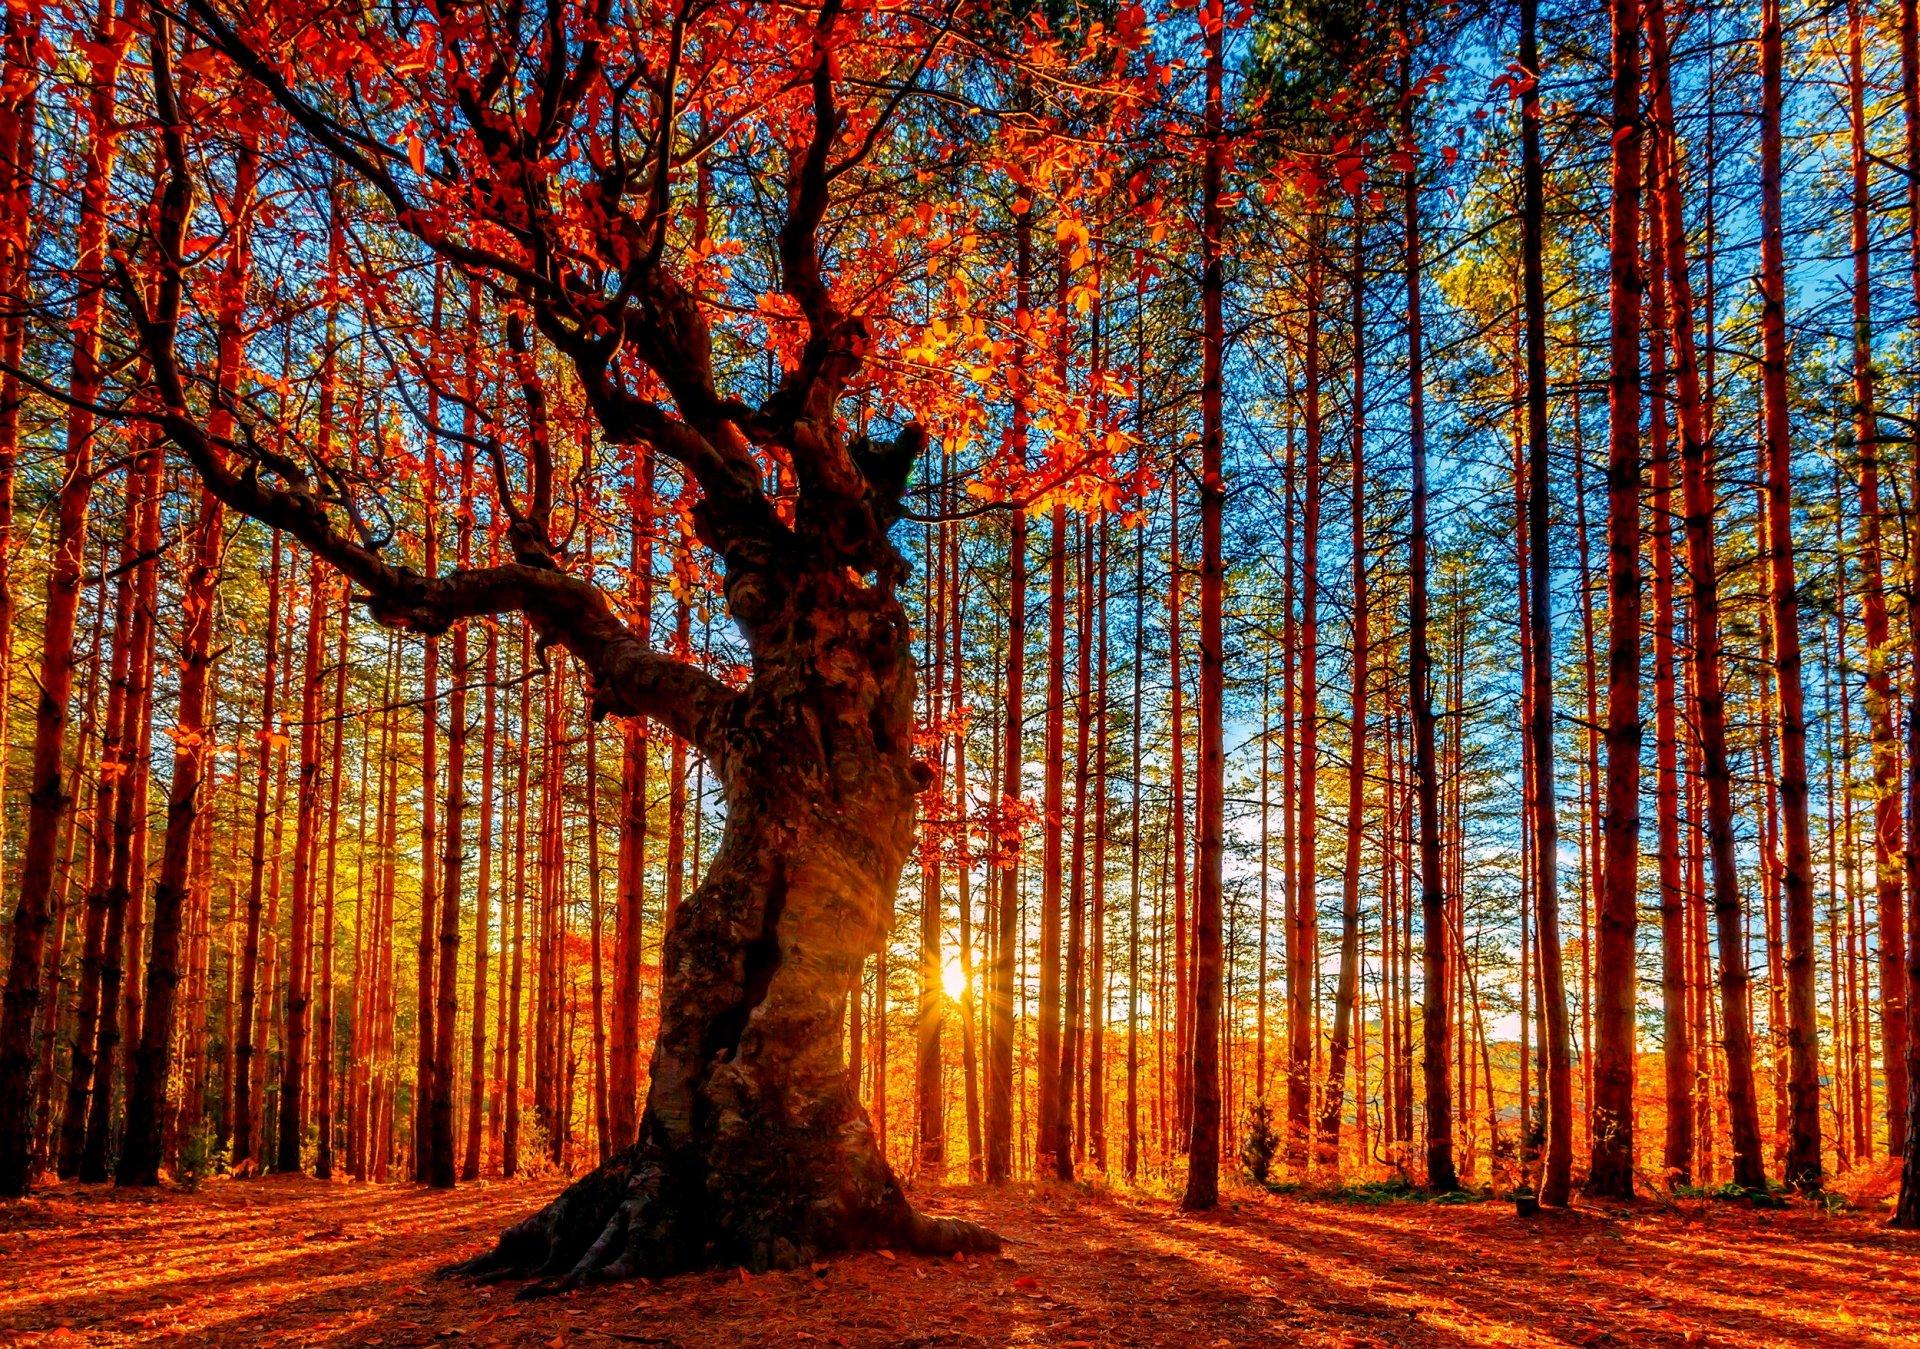 конечно, волшебный, фотообои золото лесов что согласие